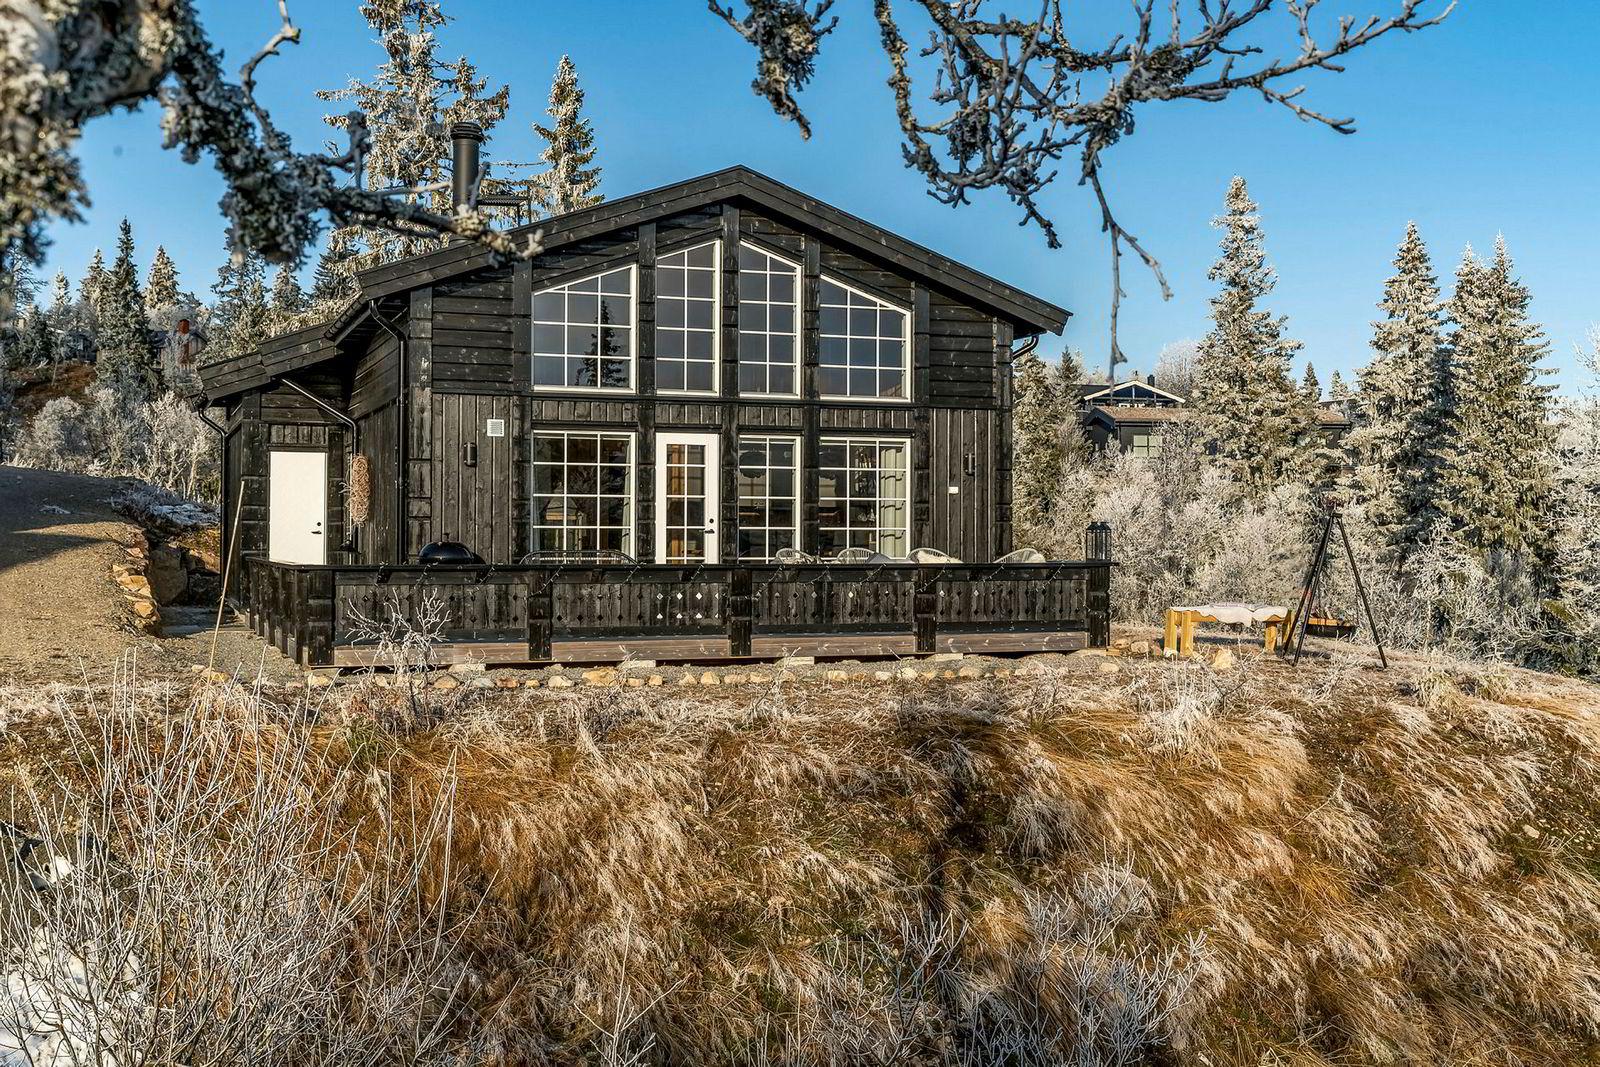 I mars 2017 ble denne 70 kvadratmeter store hytta i Fageråsen i Trysil solgt for 4,6 millioner kroner. I november i år ble den solgt på nytt for seks millioner kroner. Det har ikke vært oppgraderinger mellom de to salgene, ifølge megleren.